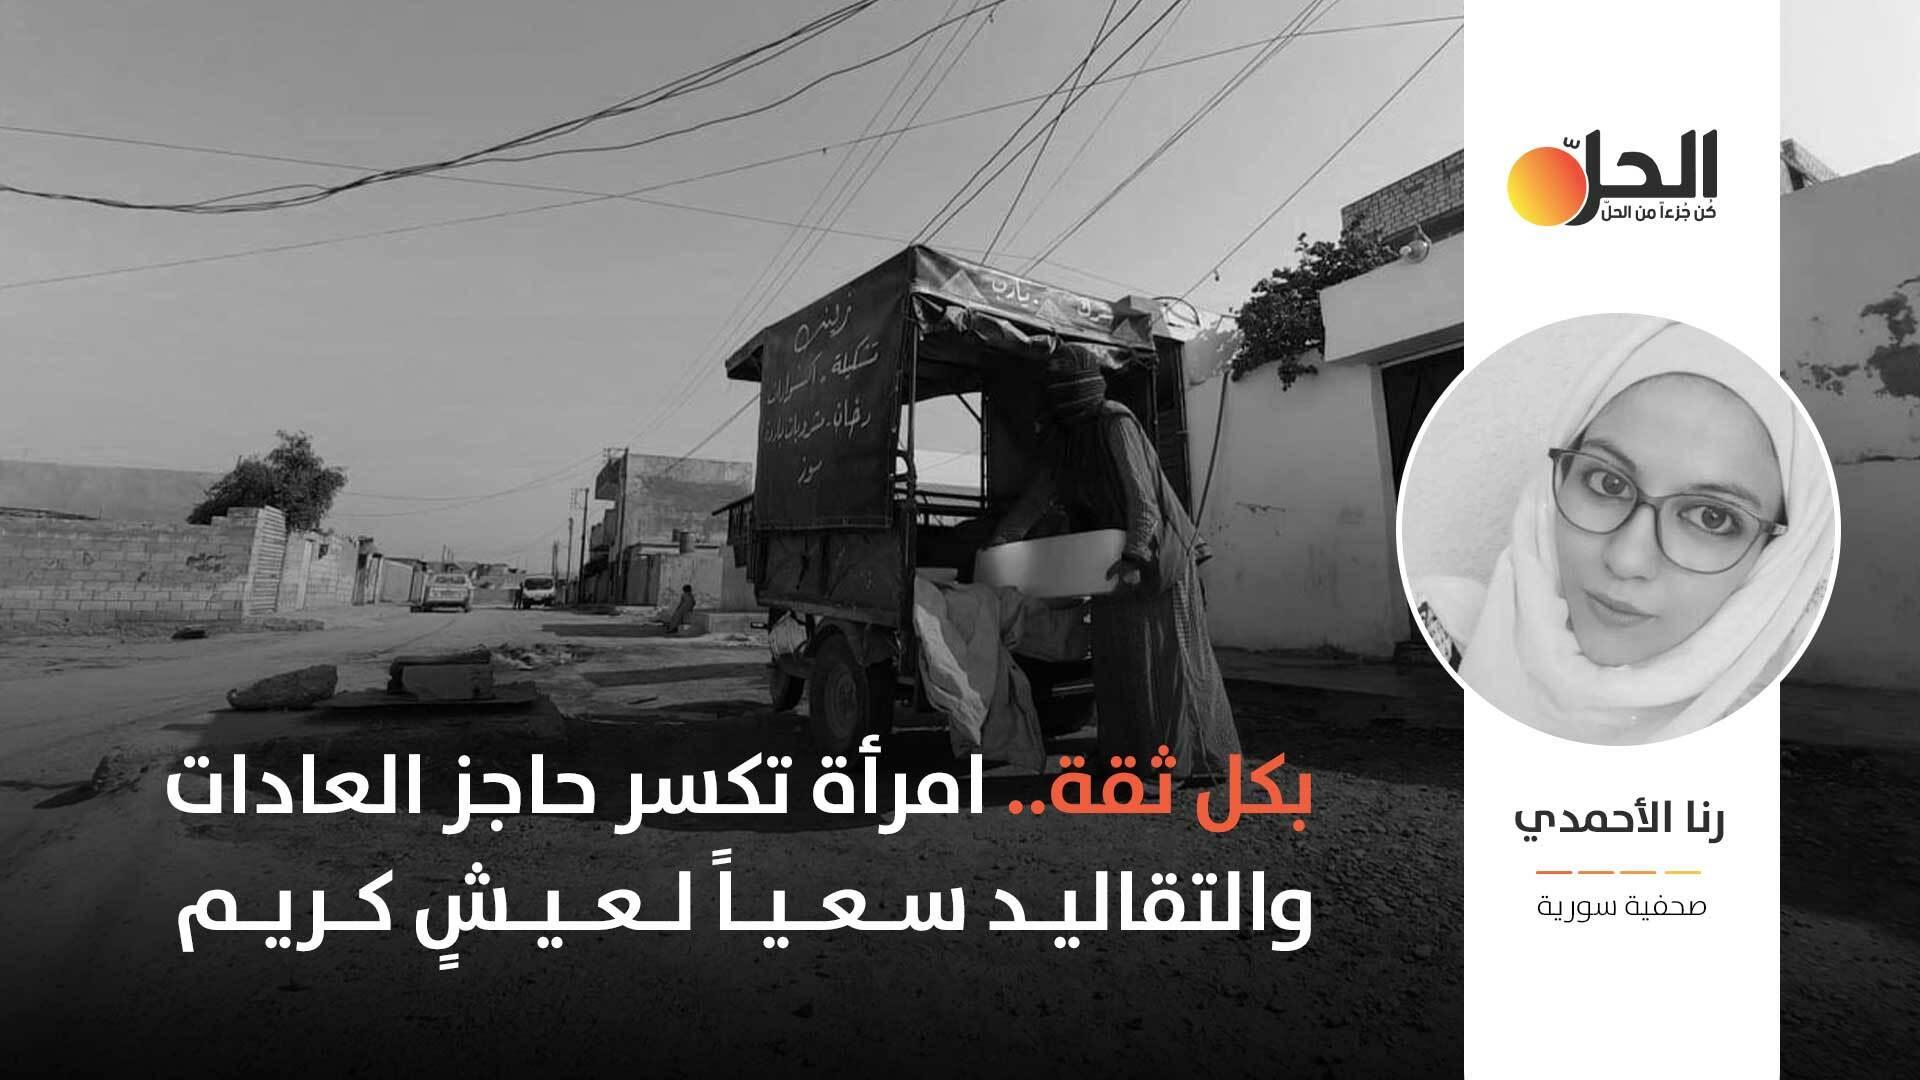 """""""صباح ناصر"""".. امرأة خلف مقود دراجة الشحن بثلاث عجلات"""